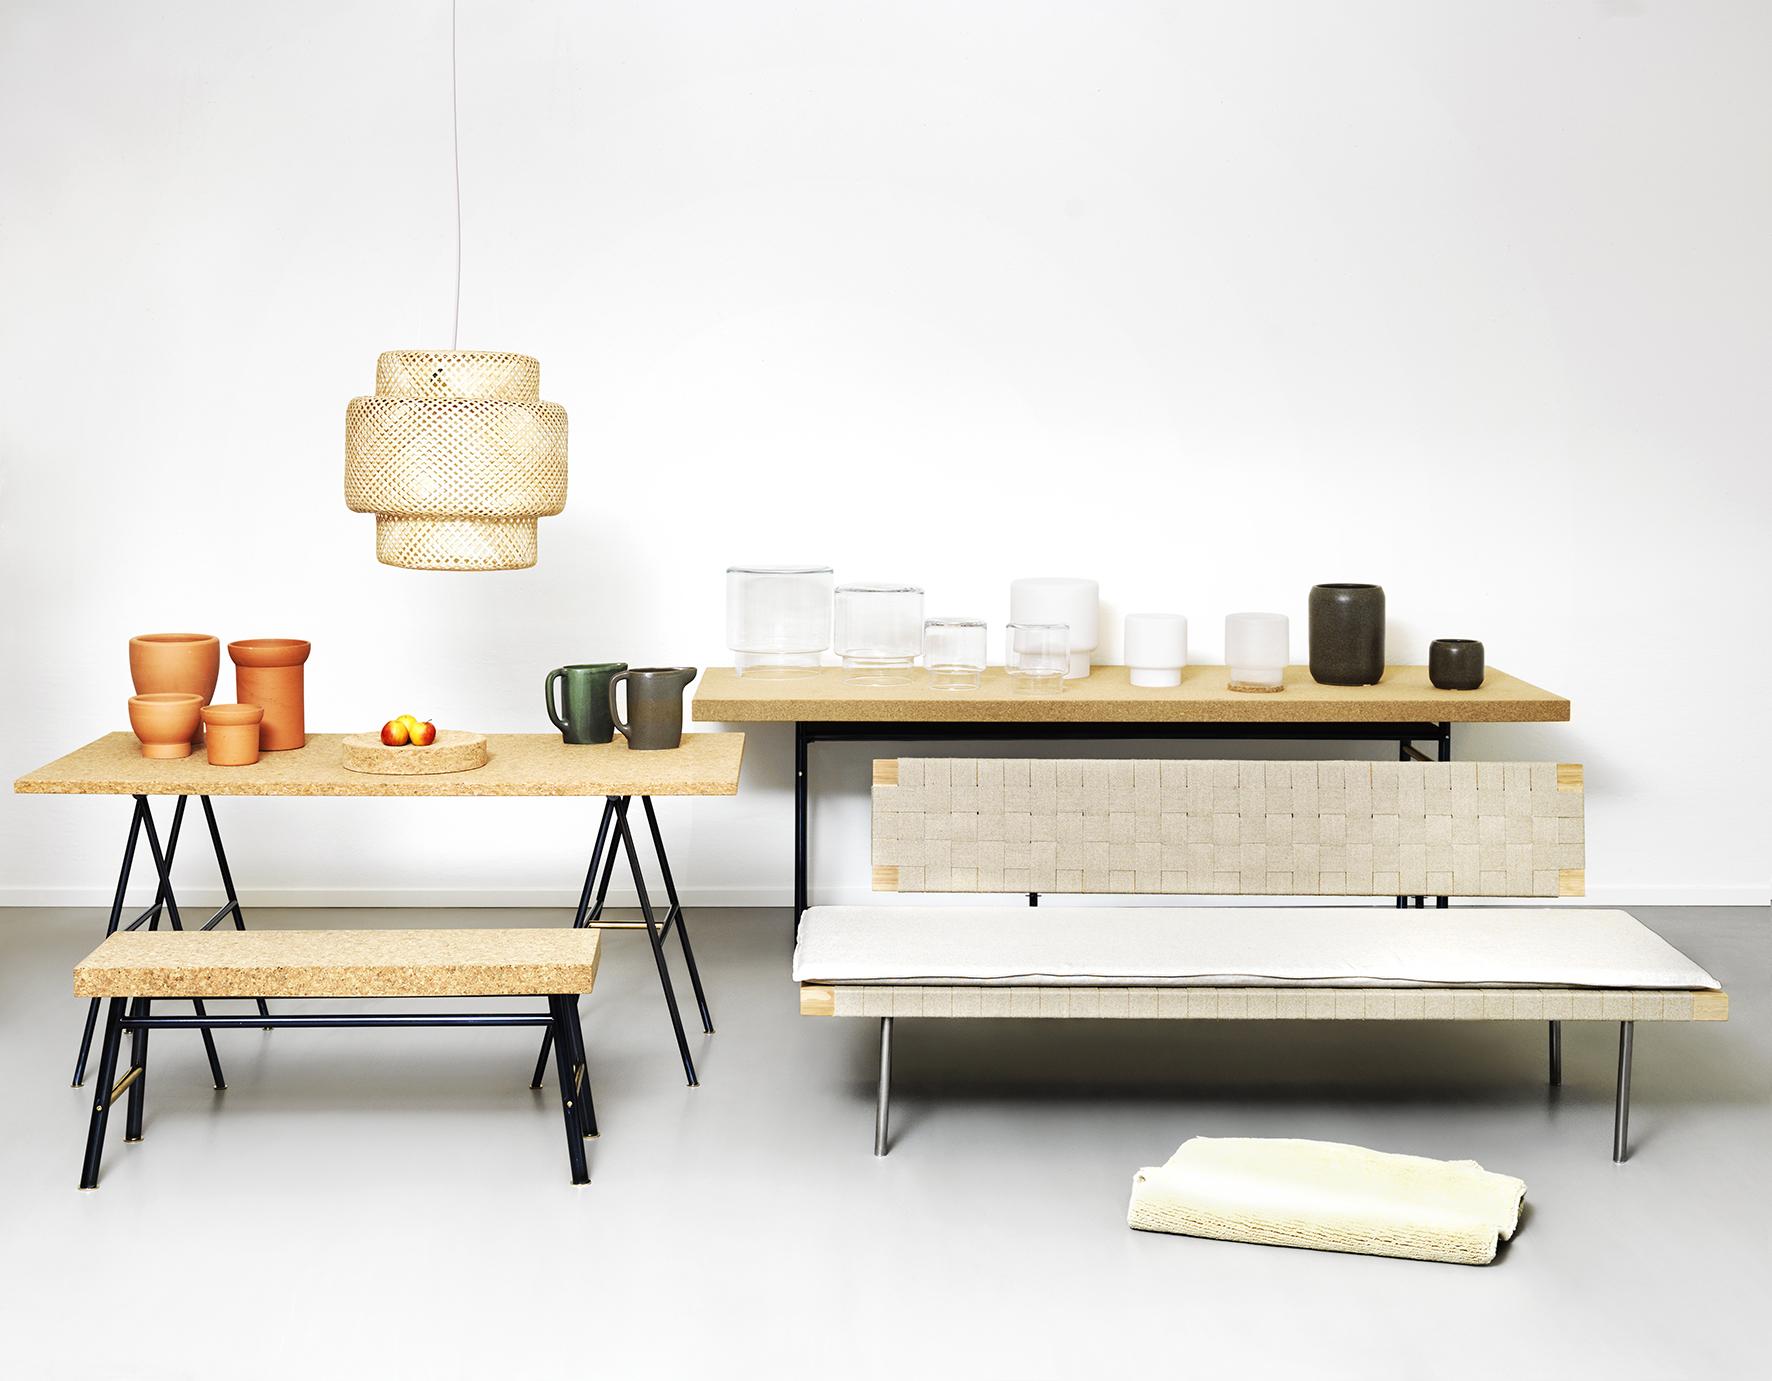 Garderoben Rollständer Ikea ~ Sinnerlig línan er afrakstur samstarfs Ikea og Ilse Crawford en Ilse